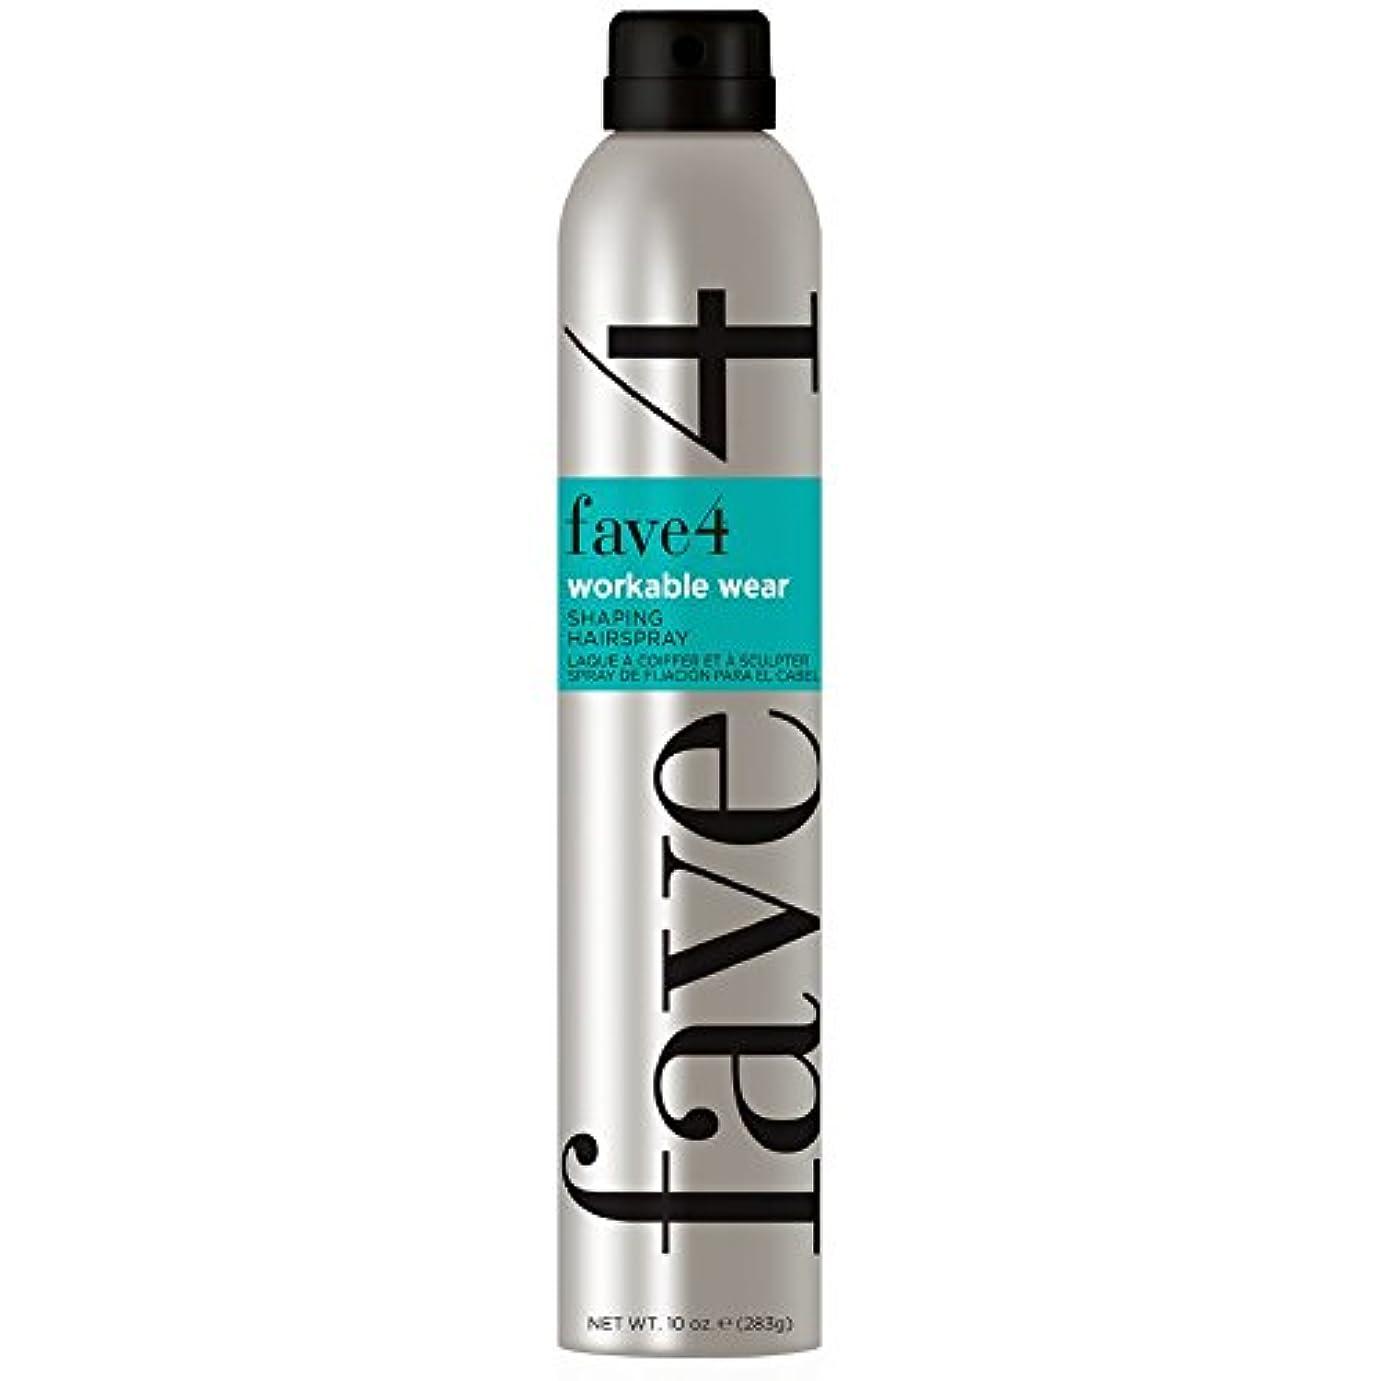 インディカボーナスインタネットを見るfave4 実用服シェーピングヘアスプレー - 硫酸無料|パラベンフリー|グルテンフリー|虐待無料|色処理した毛髪、10オンスのための安全な 10オンス